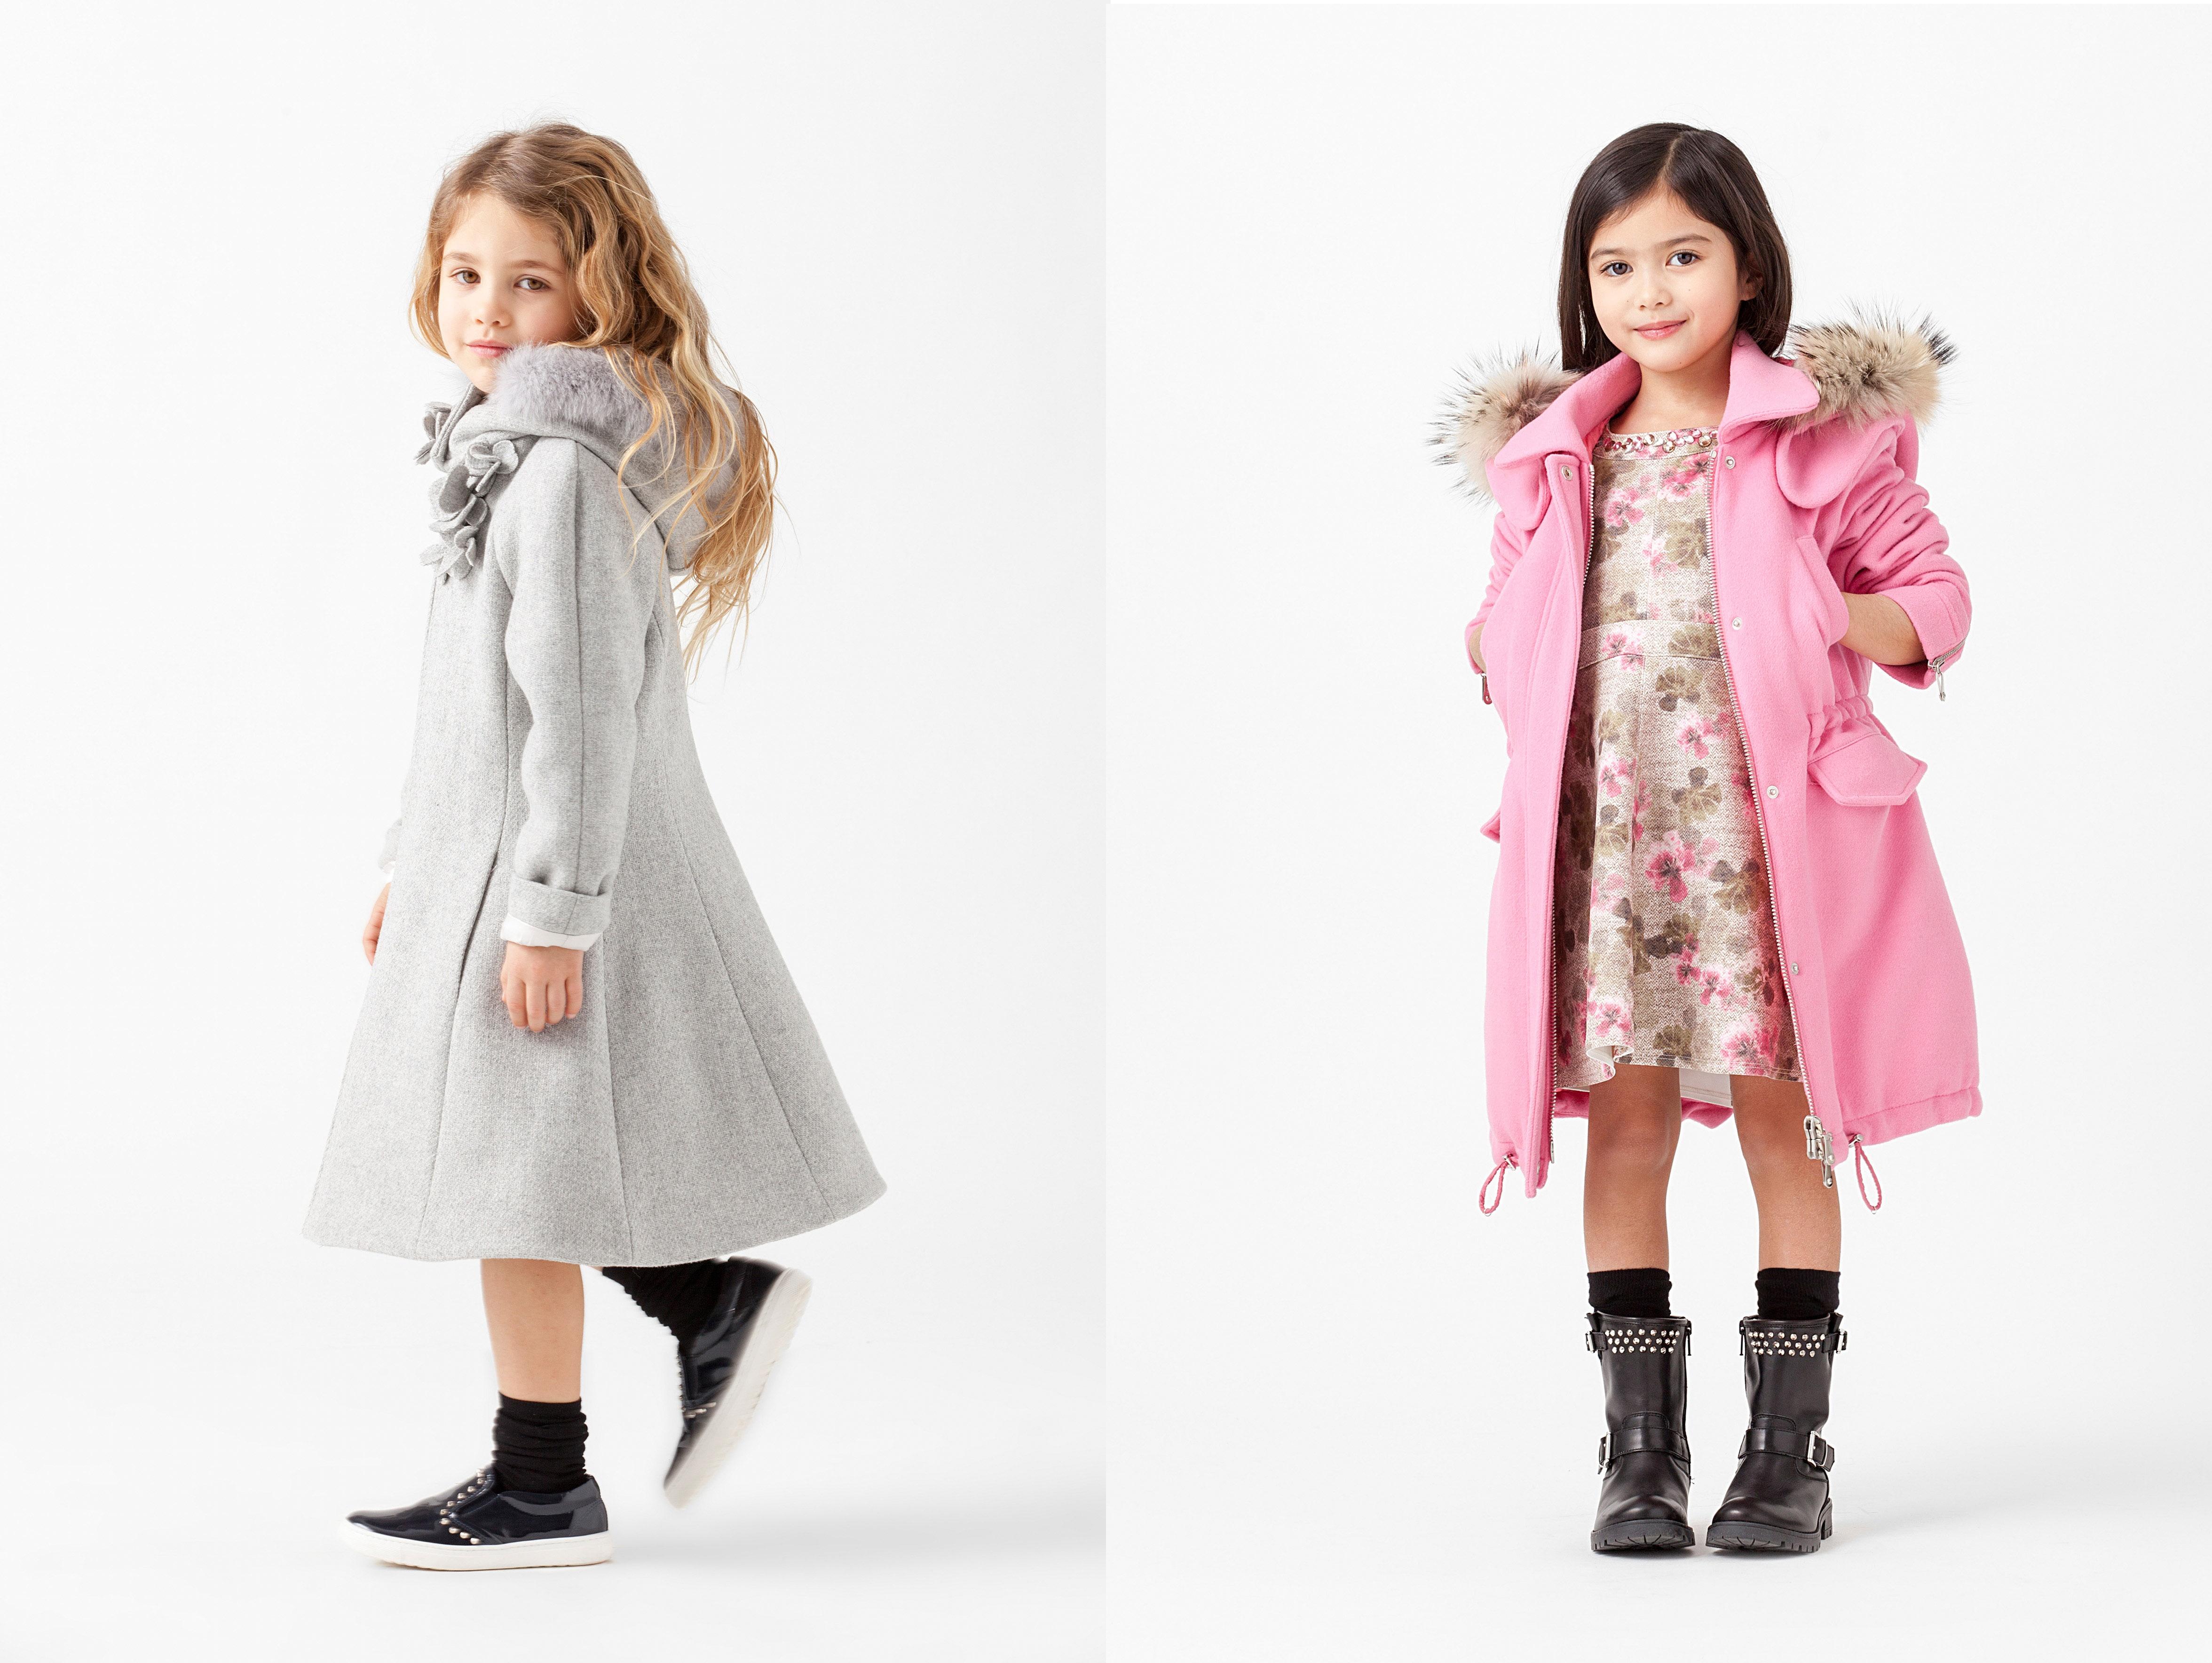 Детская мода для девочек весна-лето 2018 BonaModa 74